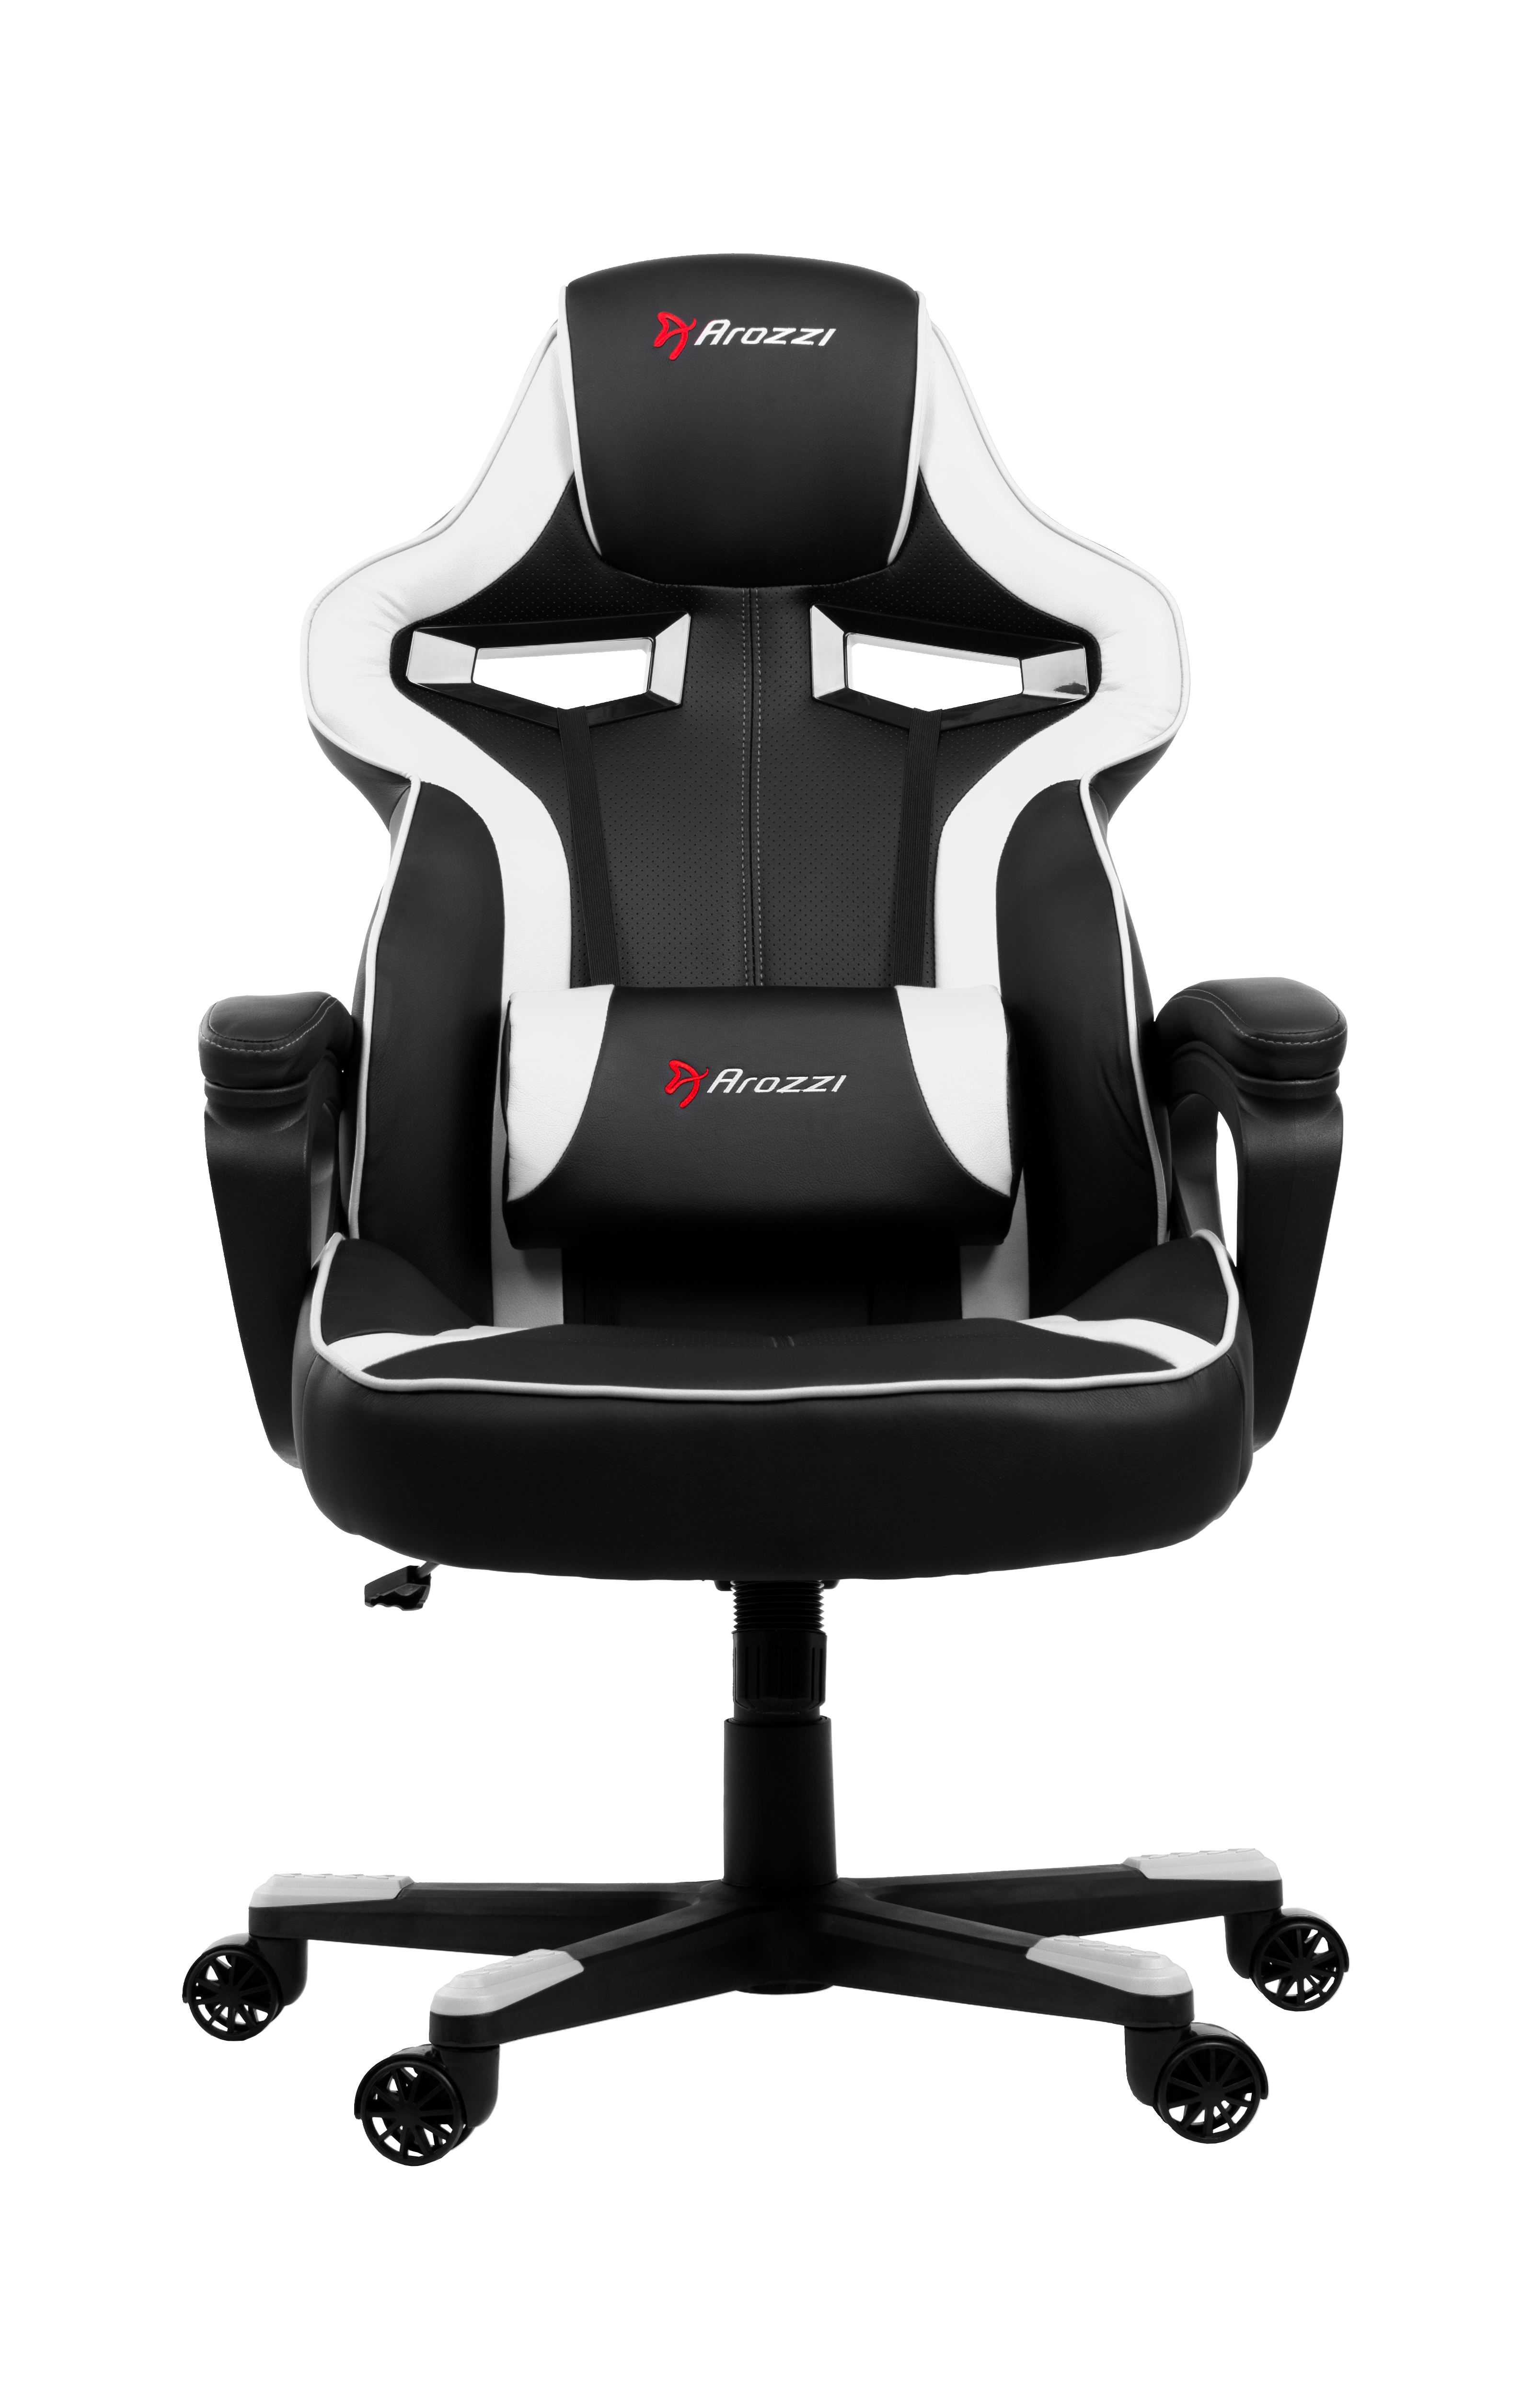 Sensational Arozzi Milano Gaming Chair White Inzonedesignstudio Interior Chair Design Inzonedesignstudiocom